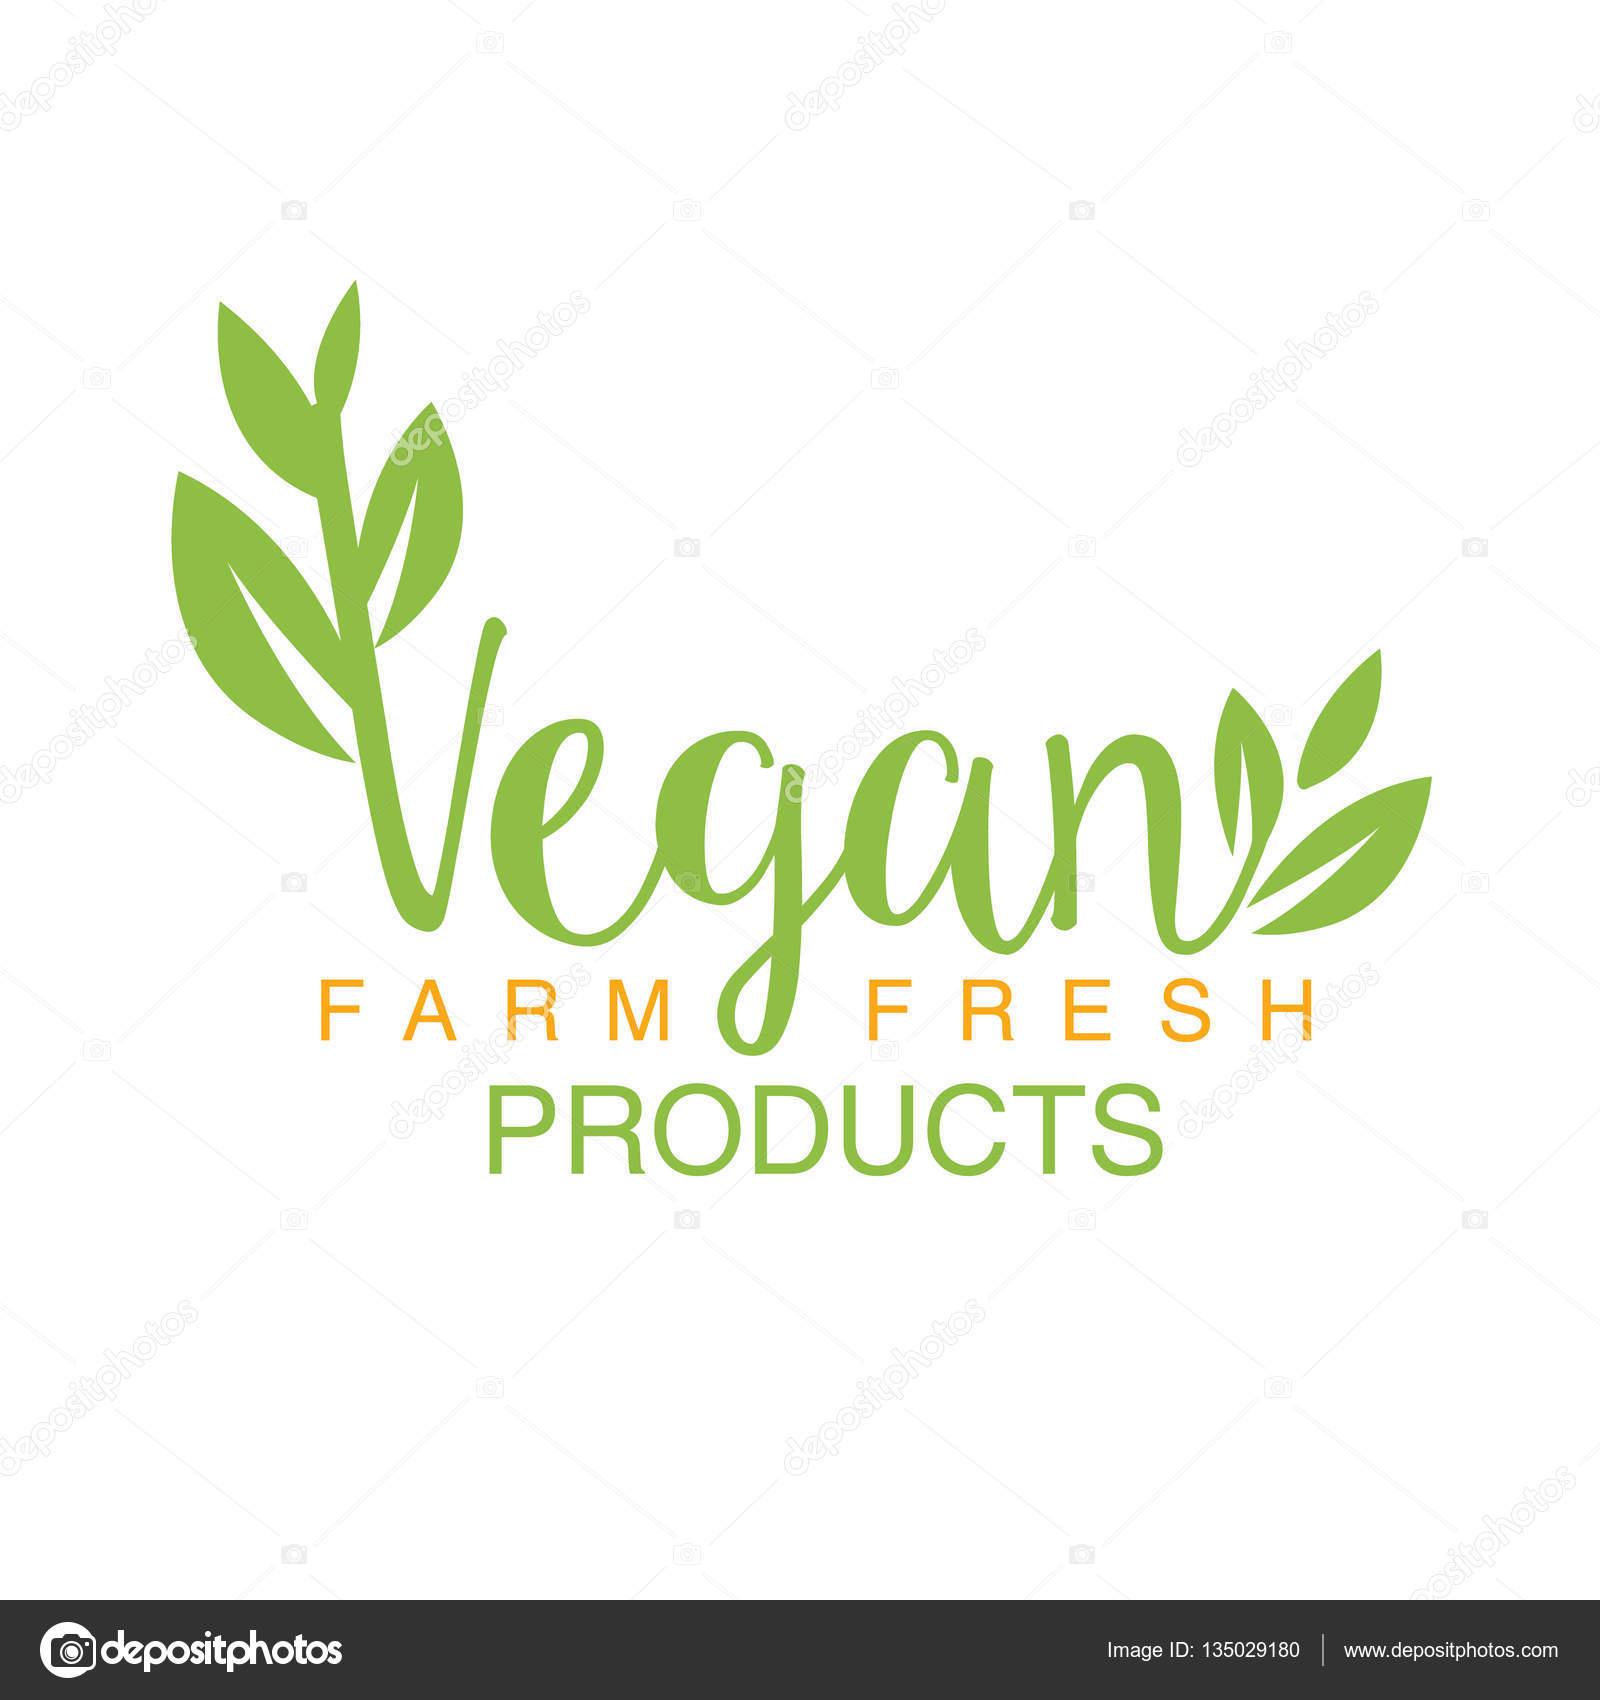 健康的なライフ スタイルとエコプロダクツ推進ビーガン自然食品緑ロゴ